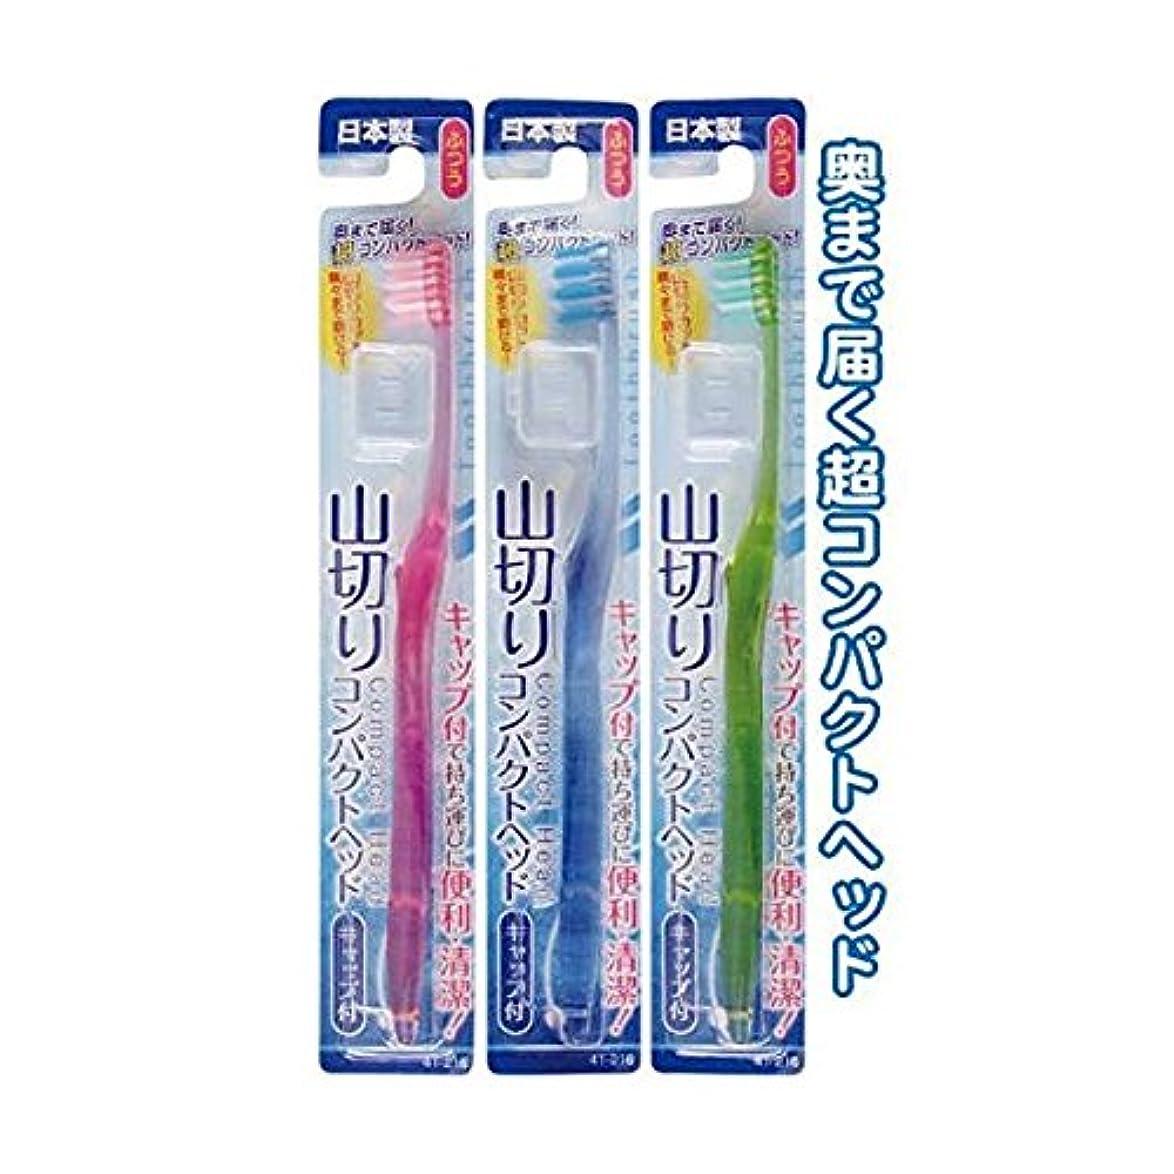 似ている無人昼間コンパクトヘッドキャップ付歯ブラシ山切ふつう日本製 [12個セット] 41-216